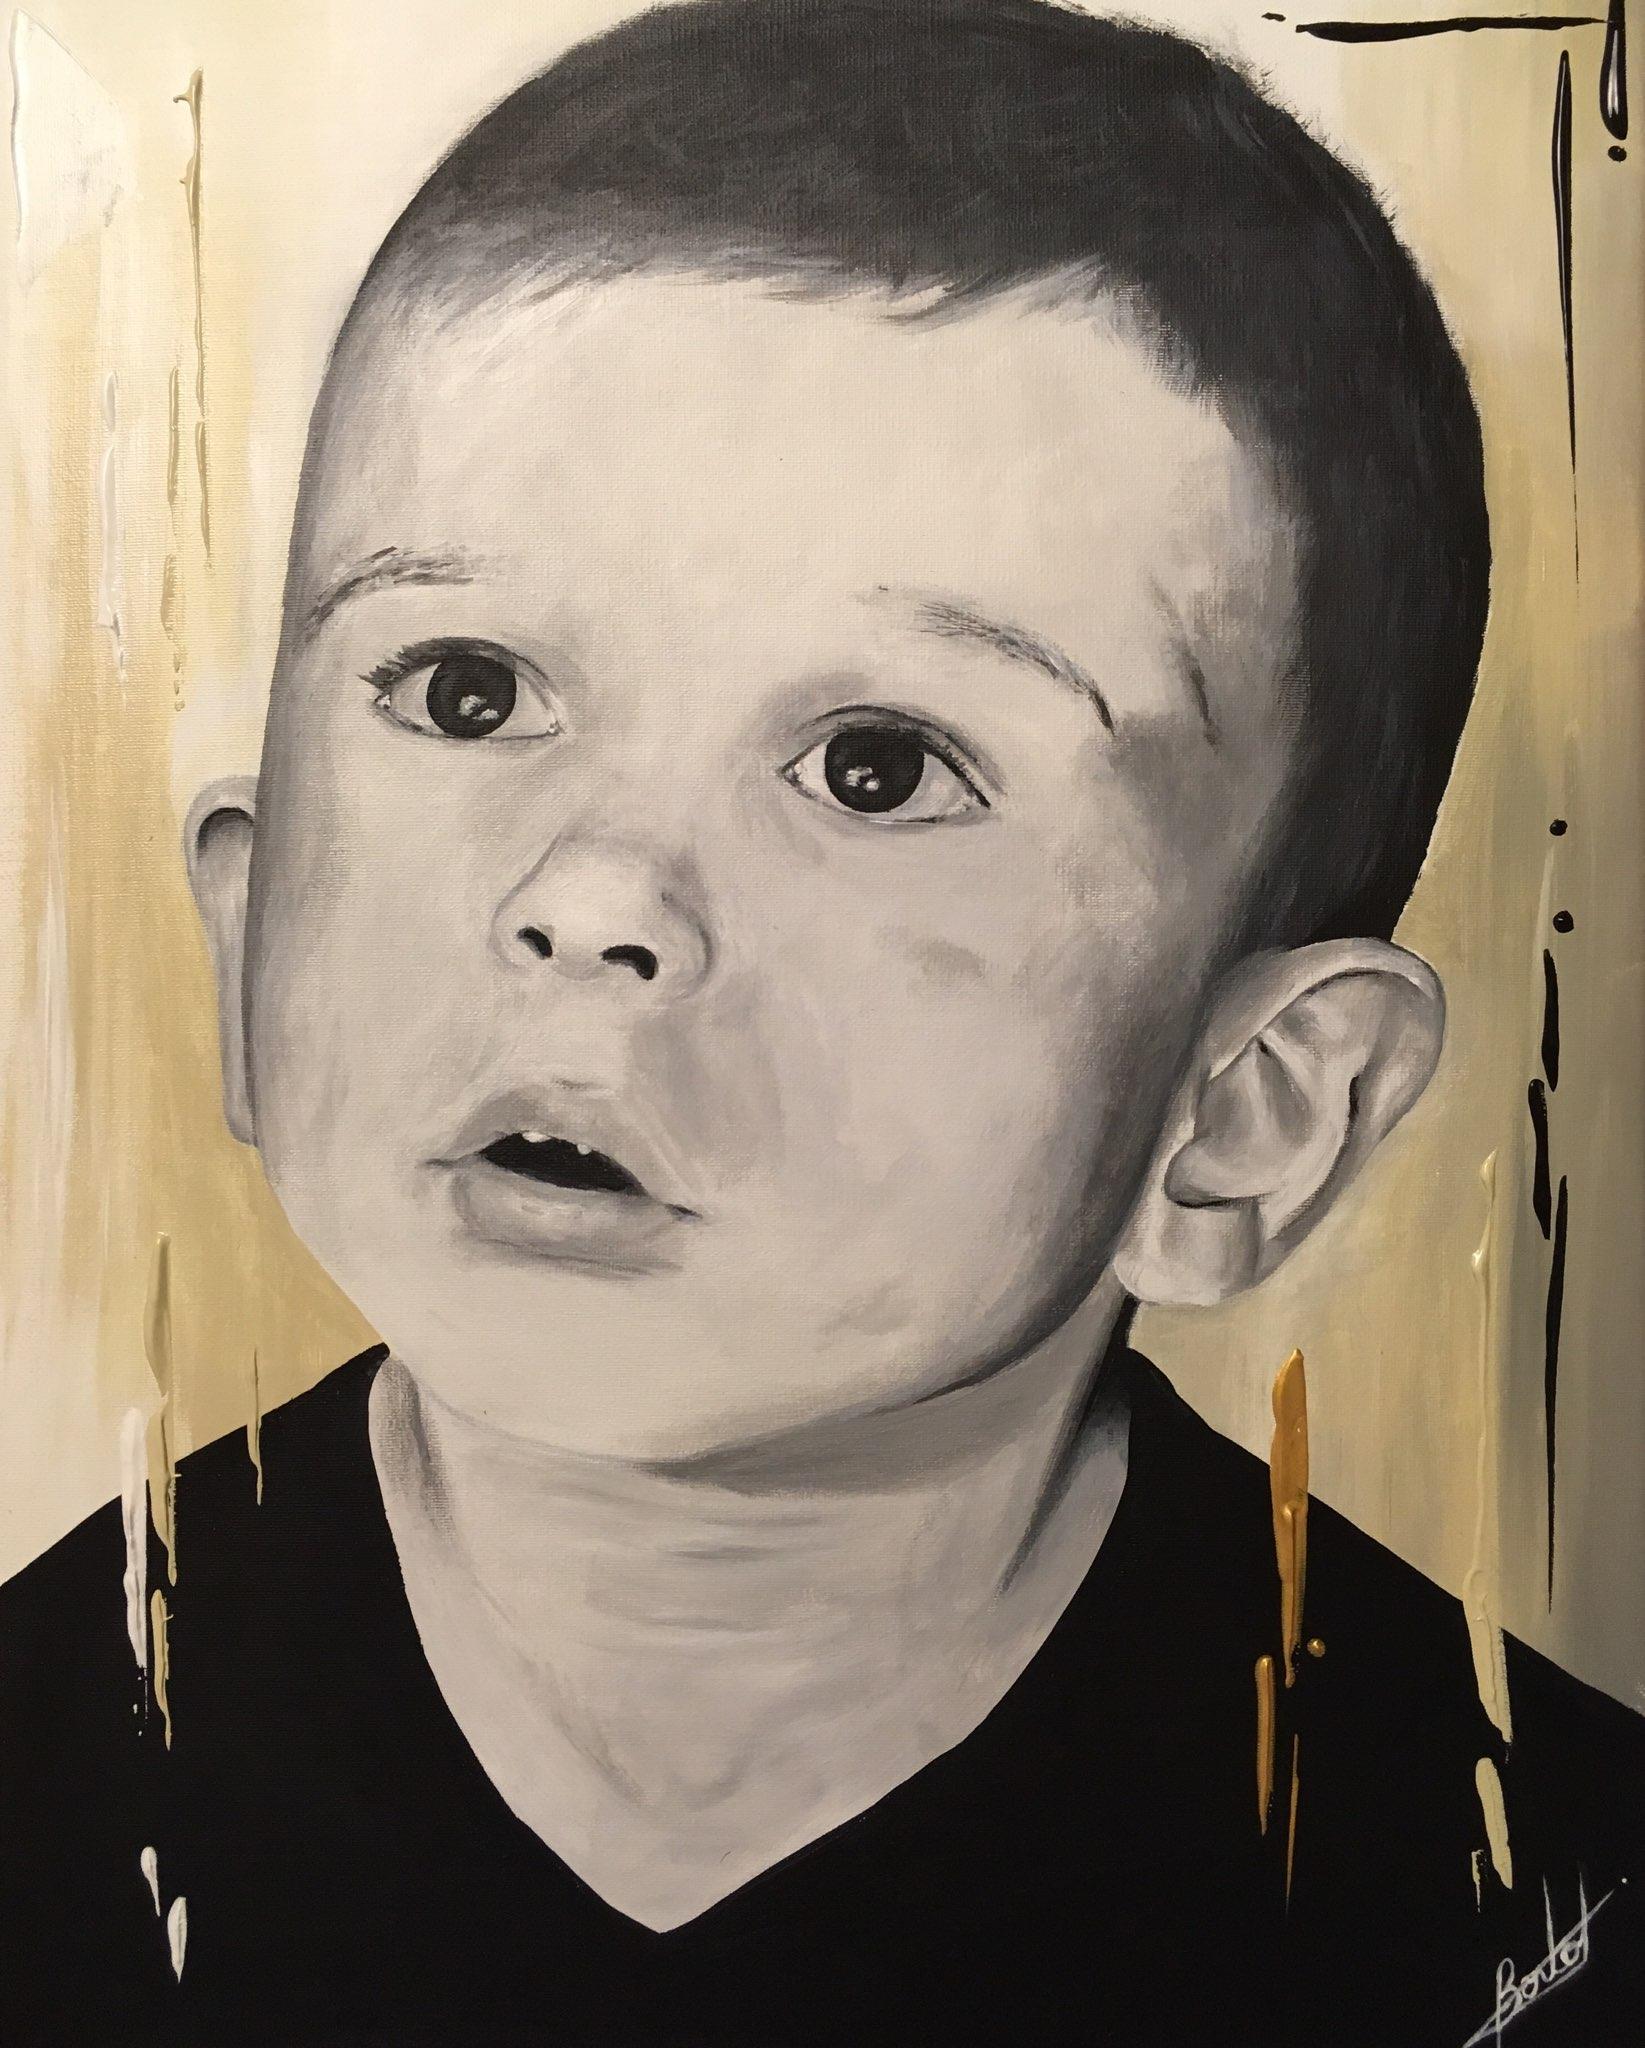 MILIO - Portraits d'enfant